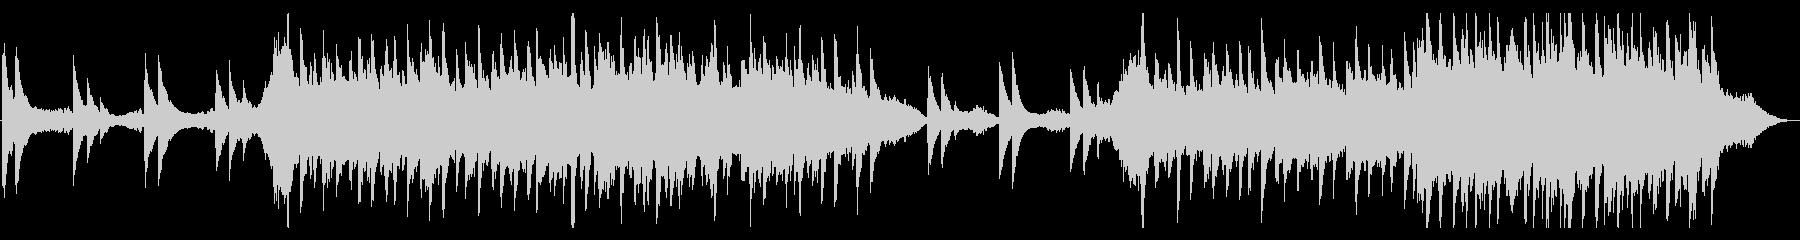 おしゃれで幻想的で切ないピアノ曲の未再生の波形